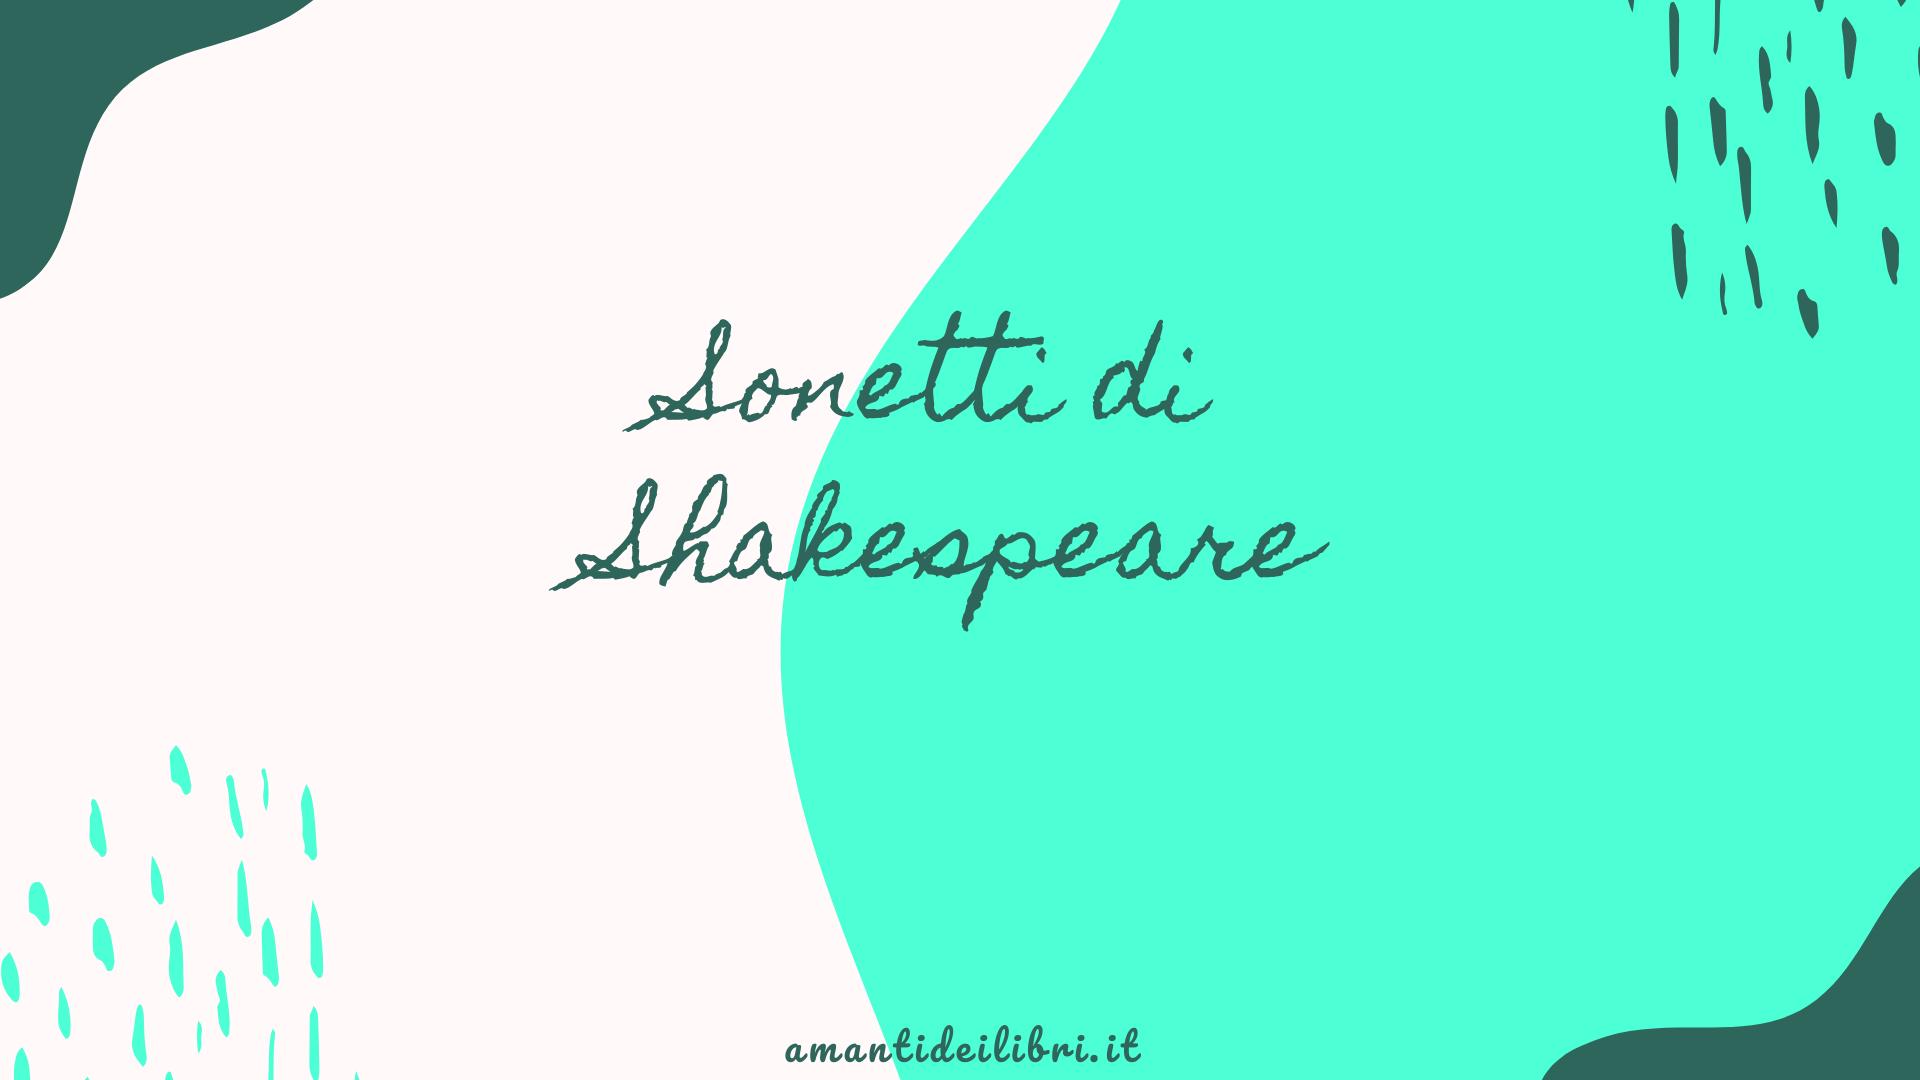 Lettura di alcuni sonetti d'amore di William Shakespeare